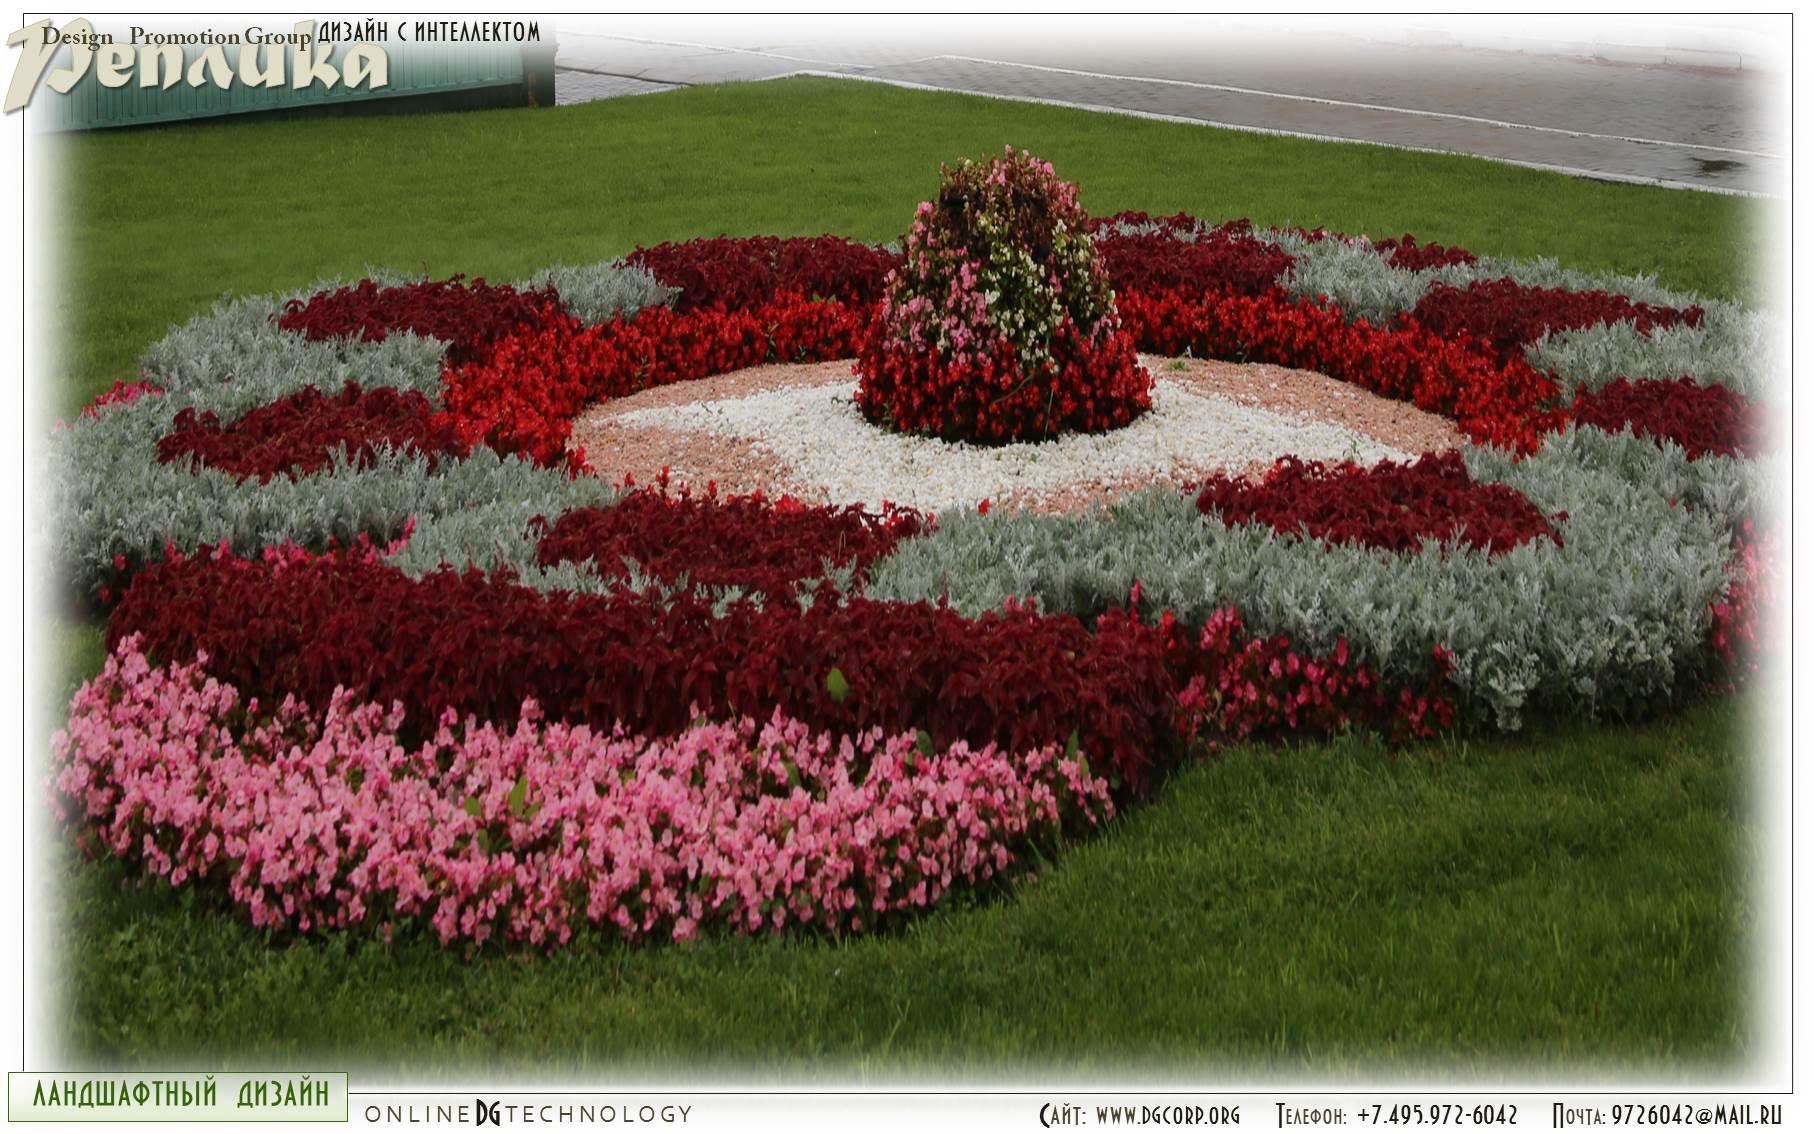 Фото клумбы с однолетними цветами и схемы посадки